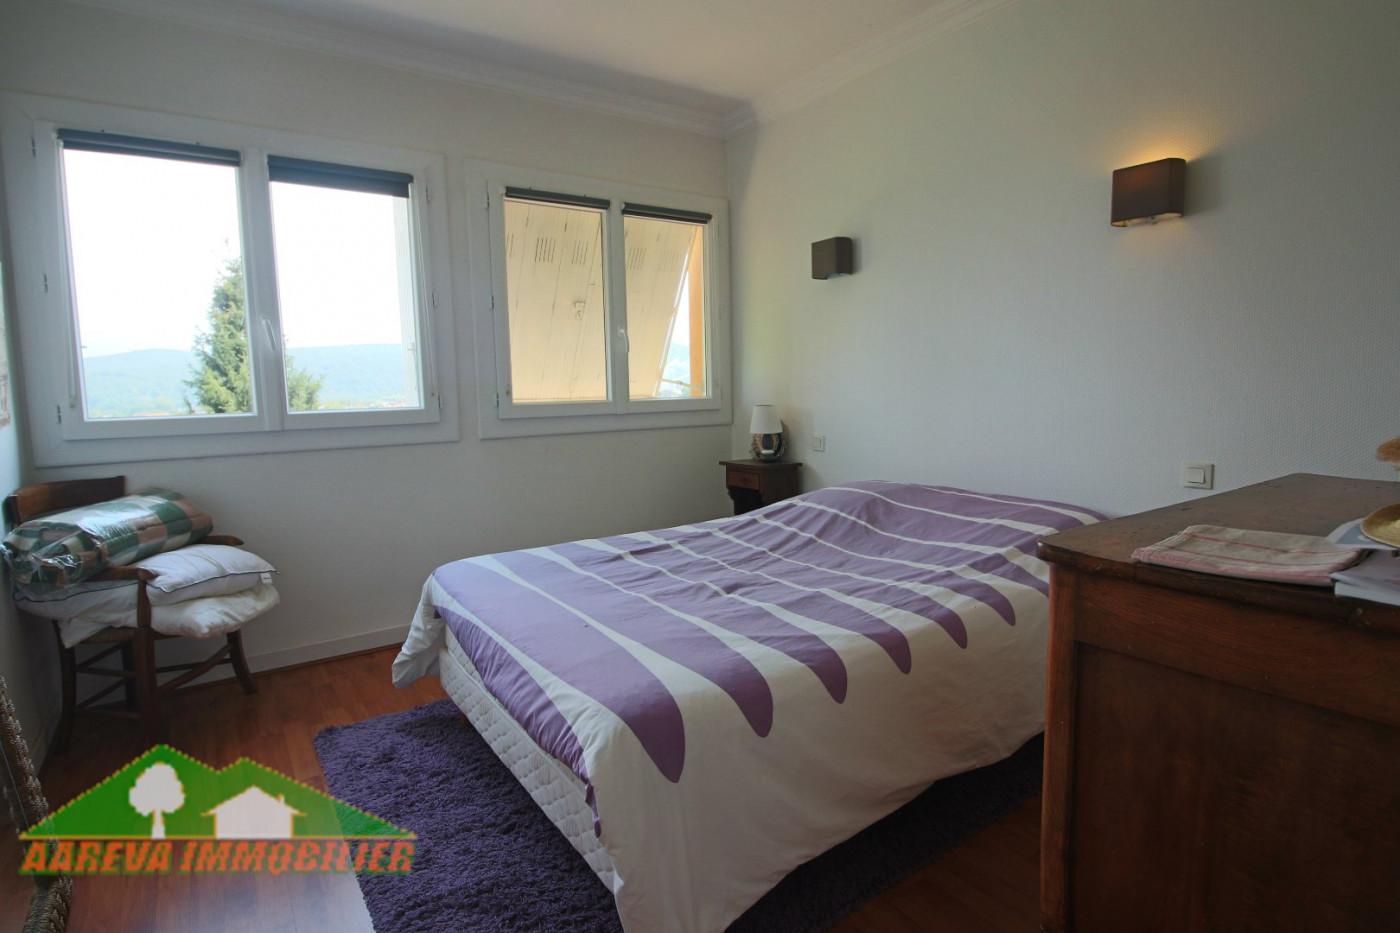 A vendre  Saint Gaudens | Réf 31158699 - Aareva immobilier